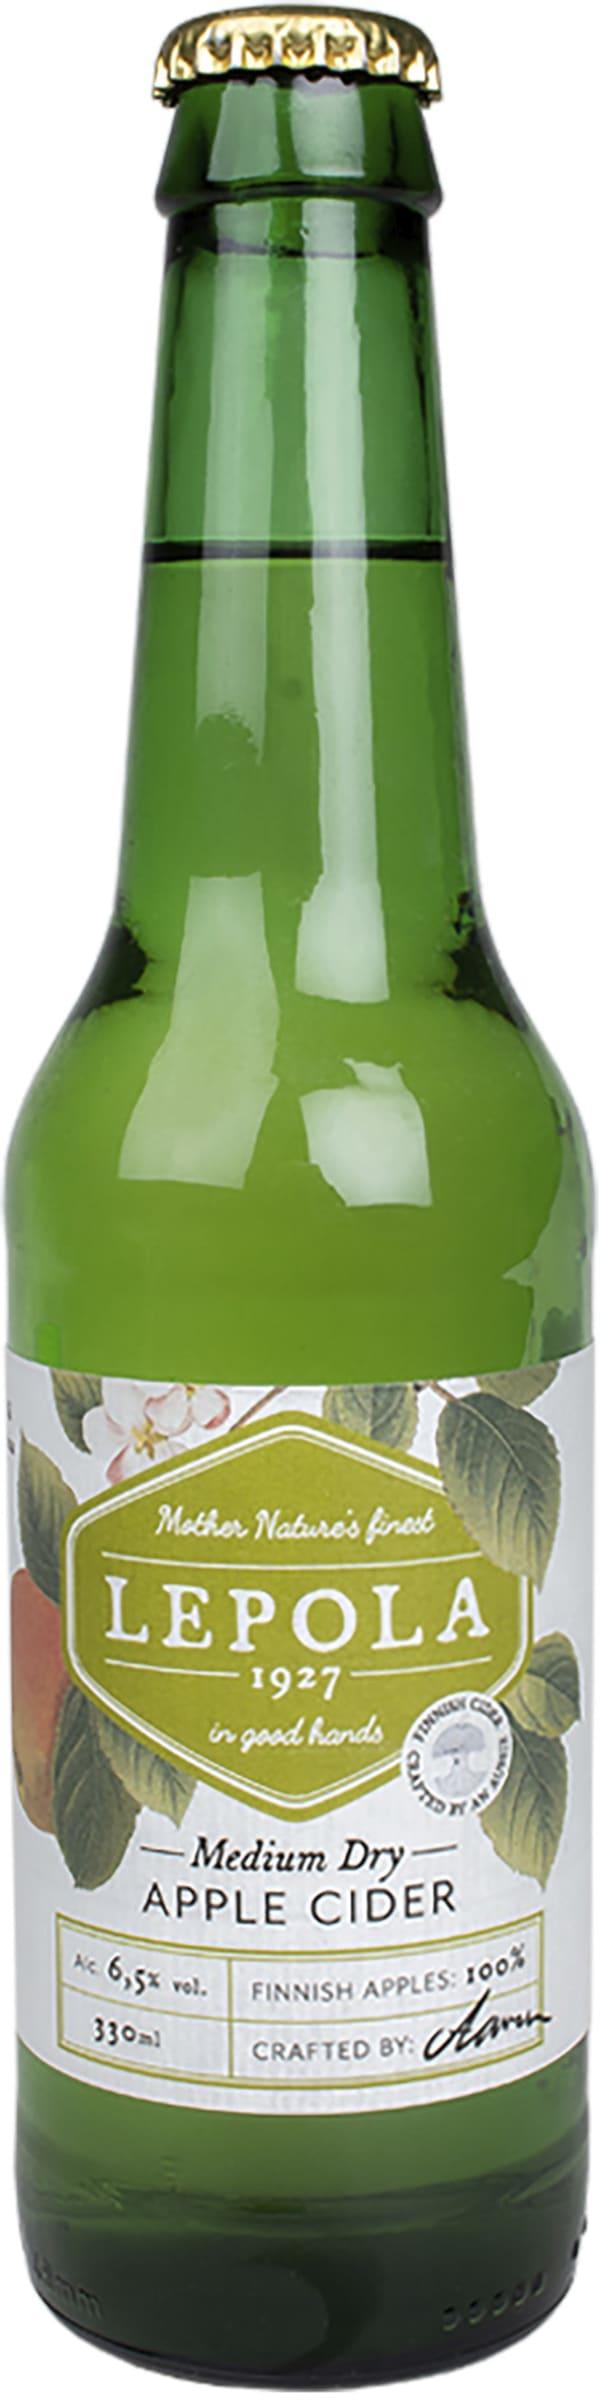 Lepola Medium Dry Apple Cider